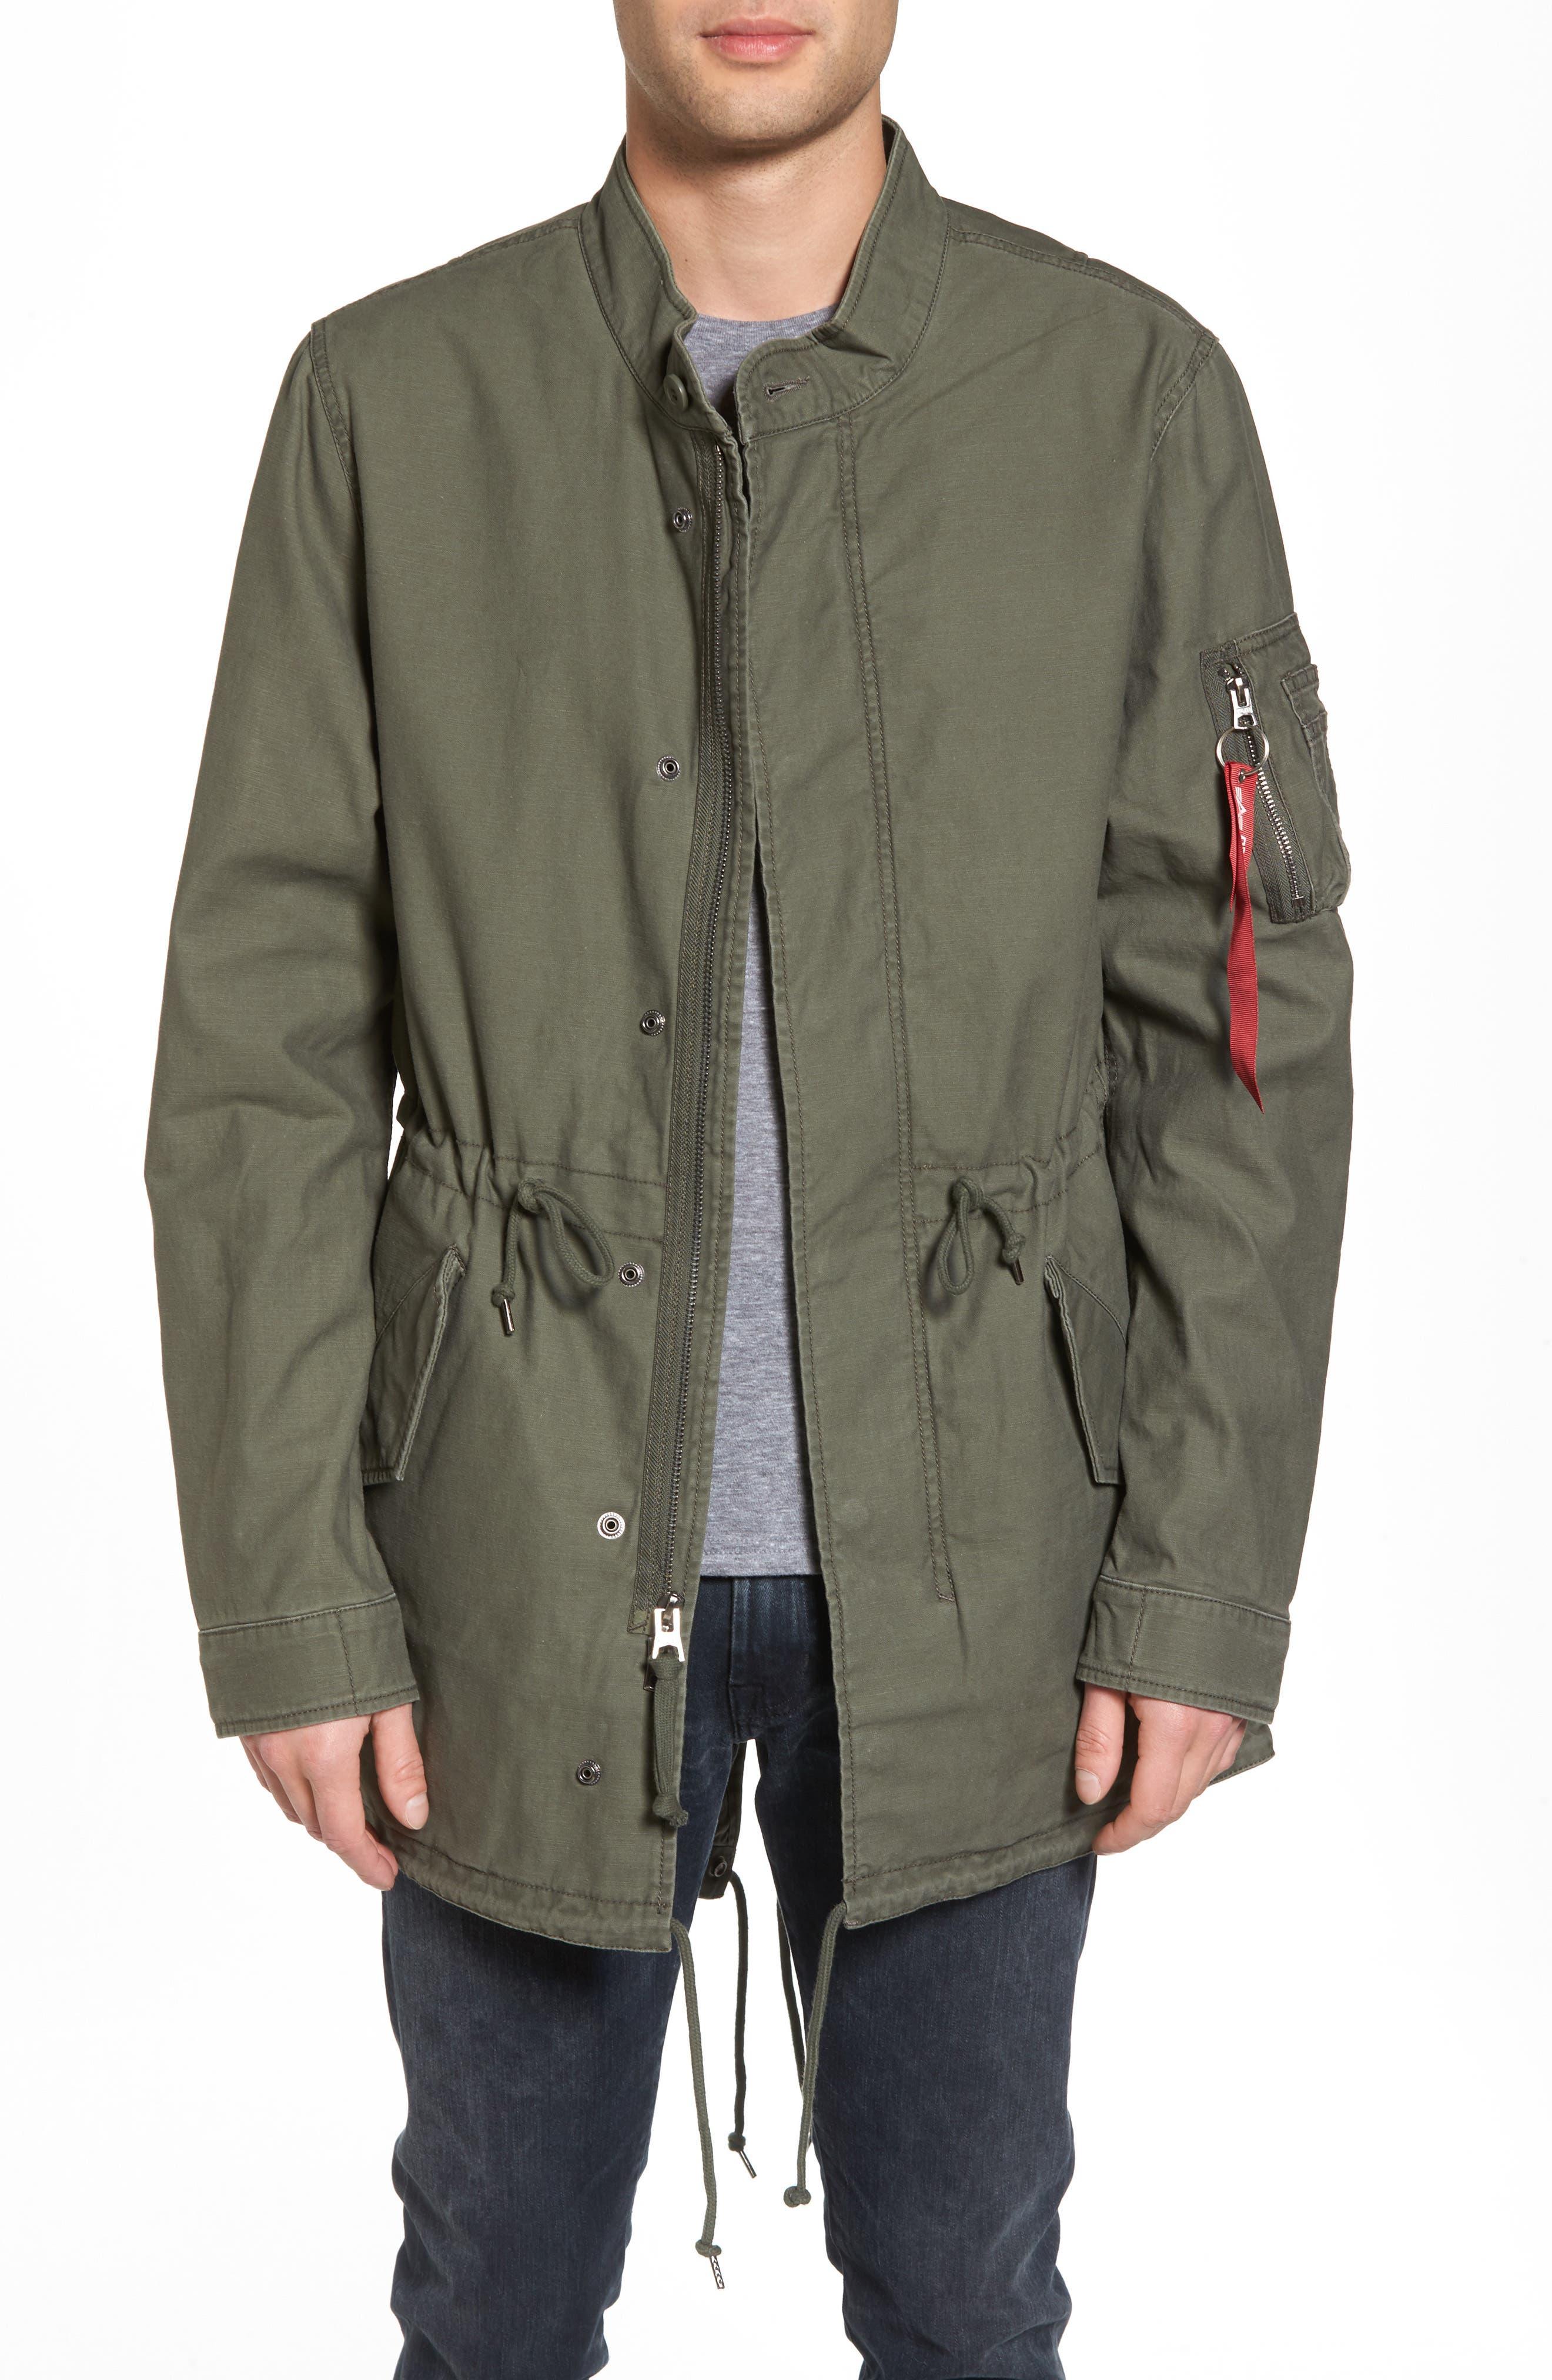 Recruit Fishtail Jacket,                             Main thumbnail 1, color,                             M-65 Olive